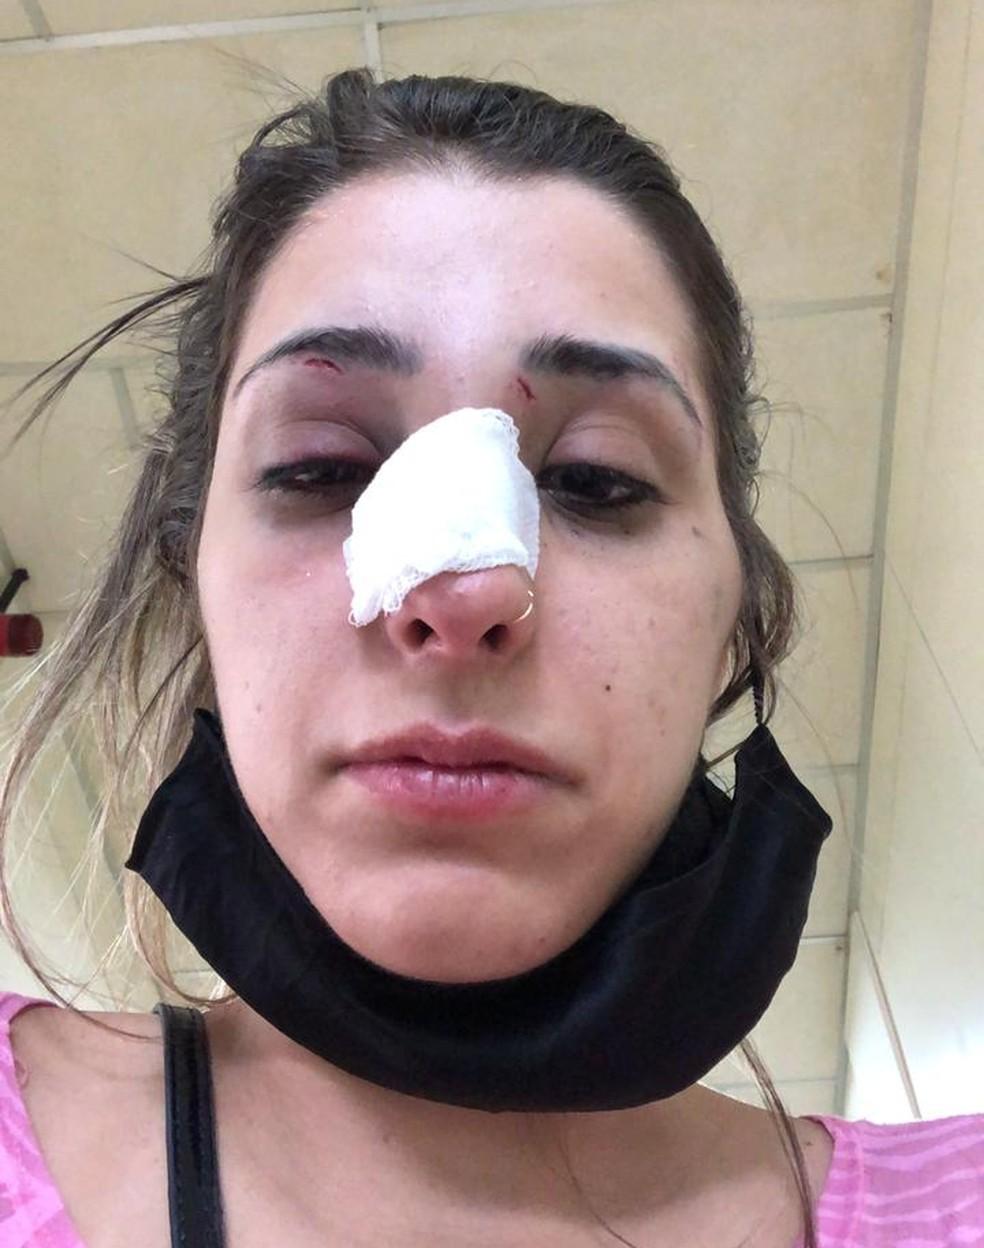 Jovem quebrou o nariz durante as agressões